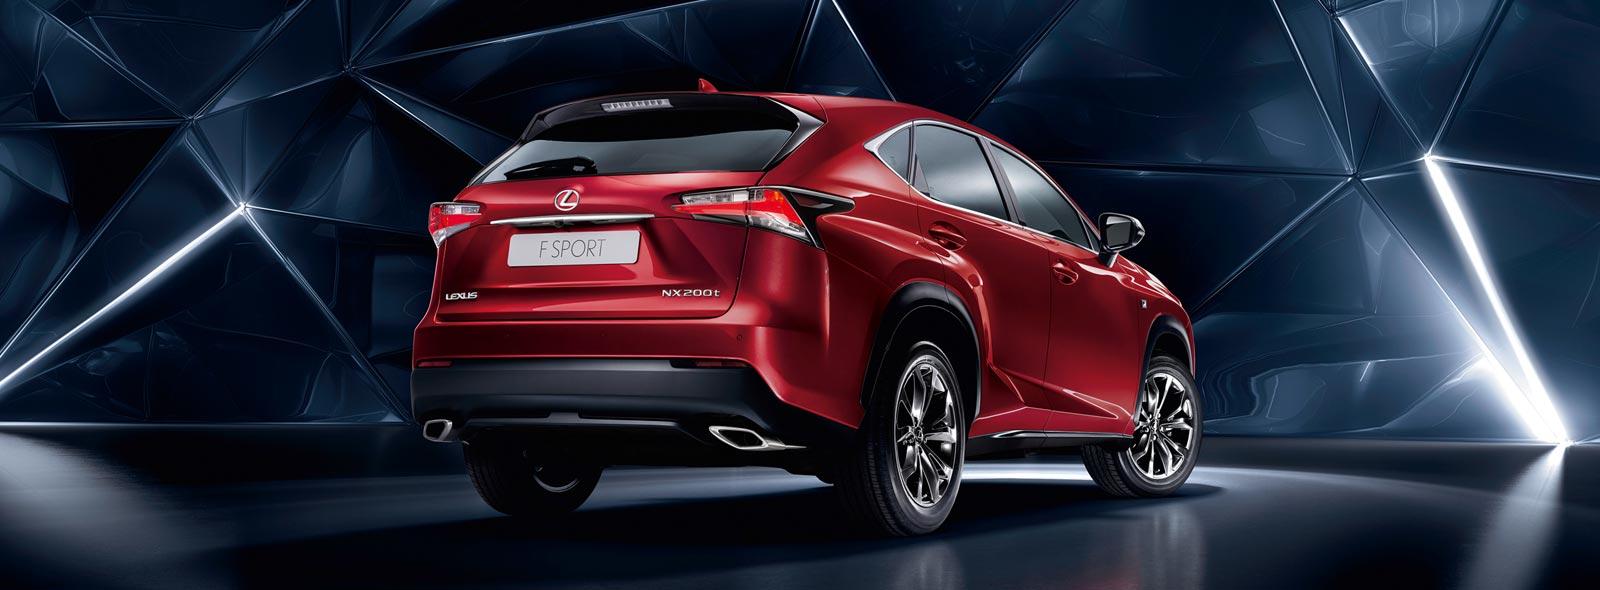 Lexus NX 200t avtomobilinin arxadan görüntüsü